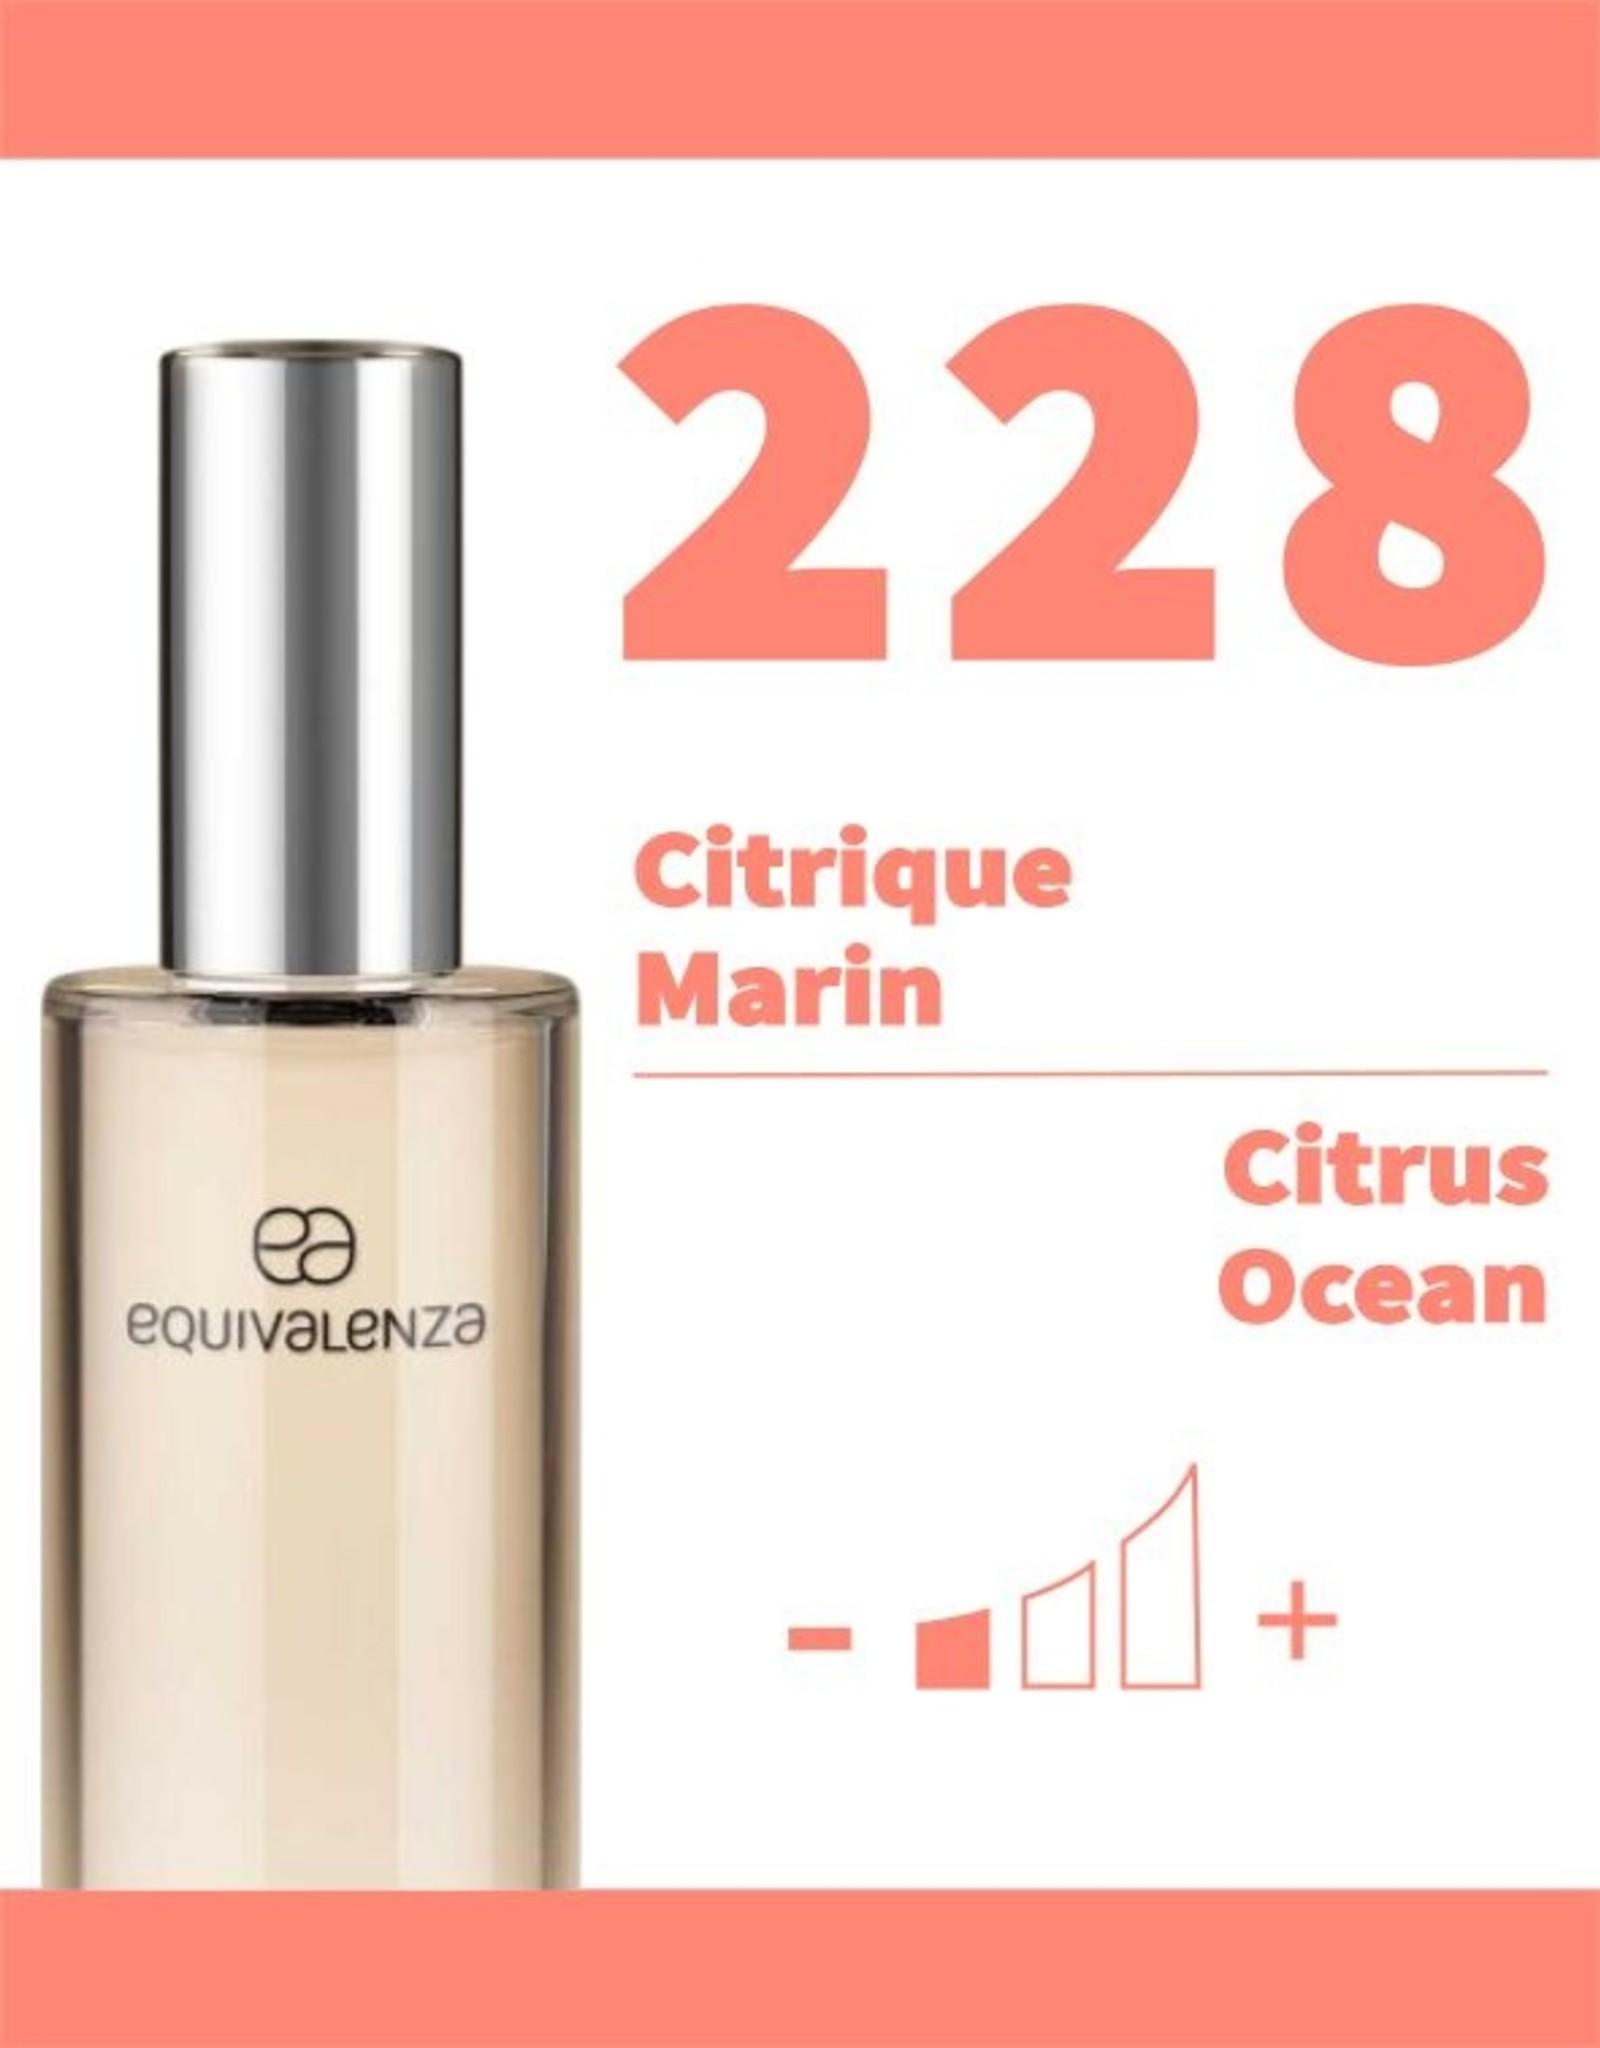 Equivalenza Eau de Toilette Citrus Ocean 228